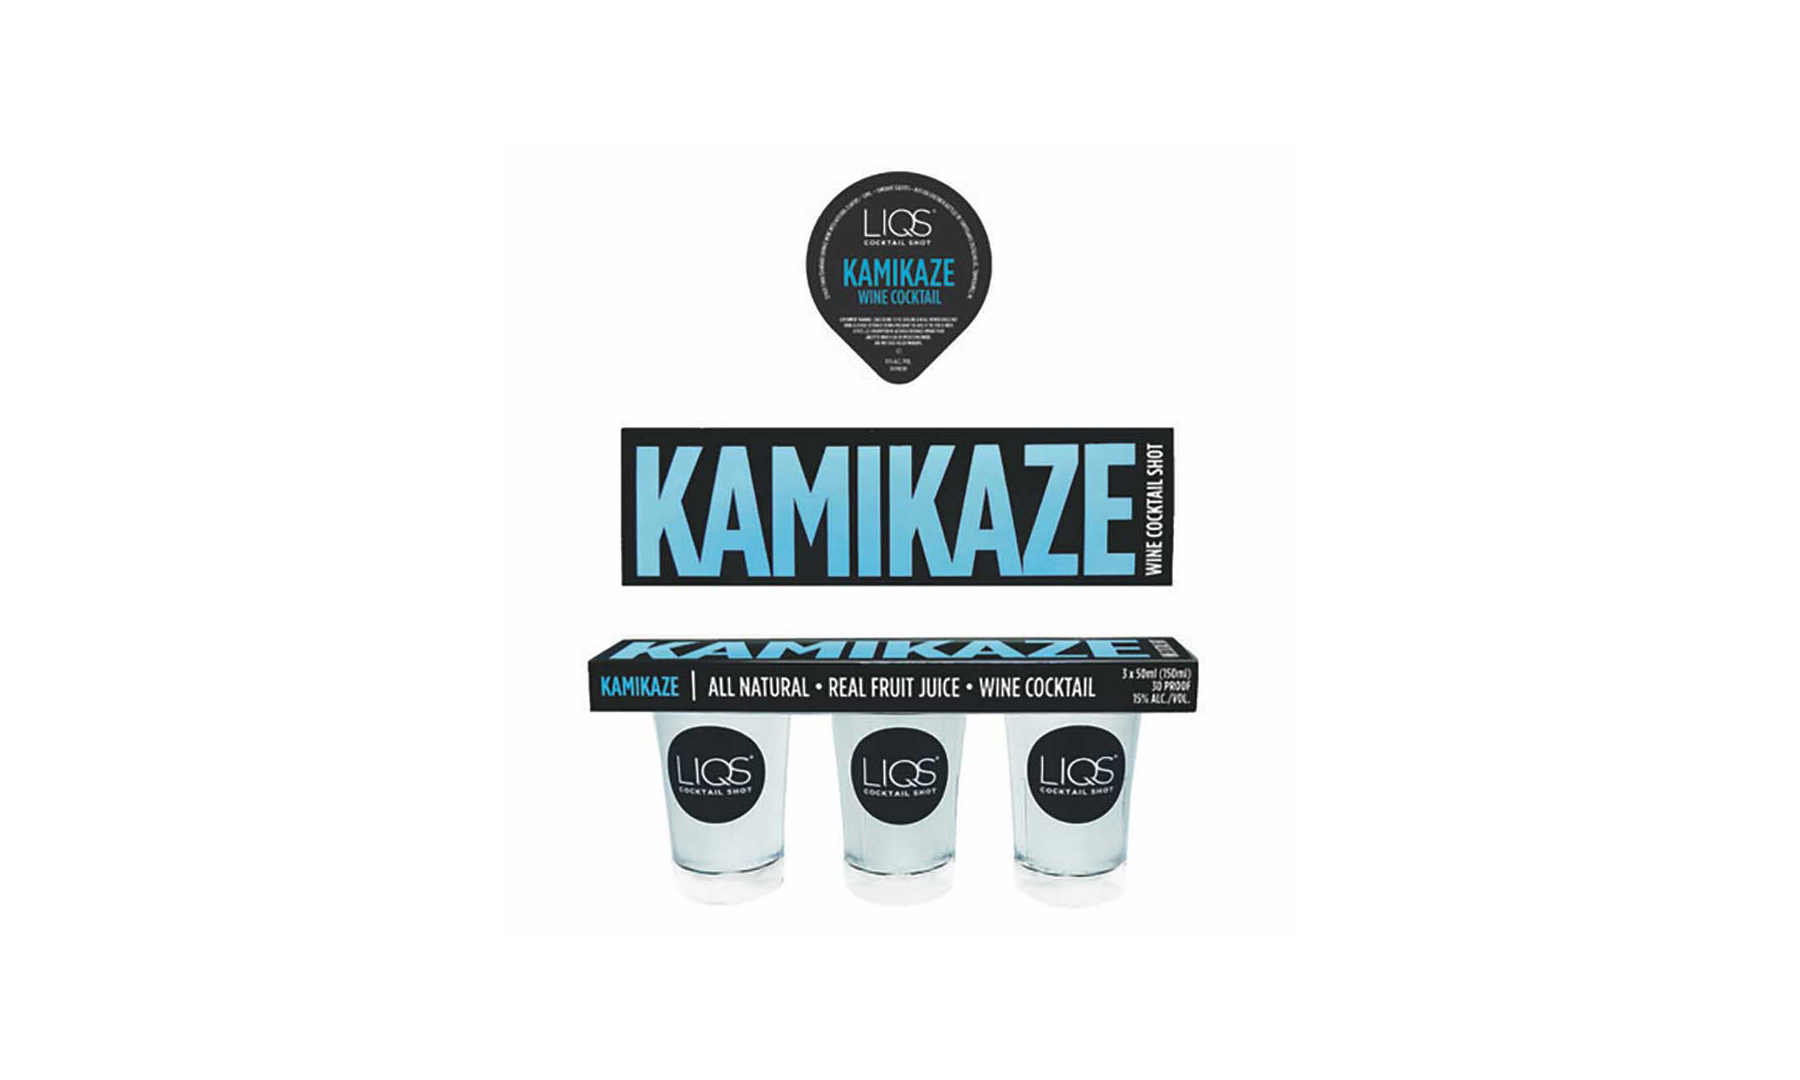 Kamikaze Liqs